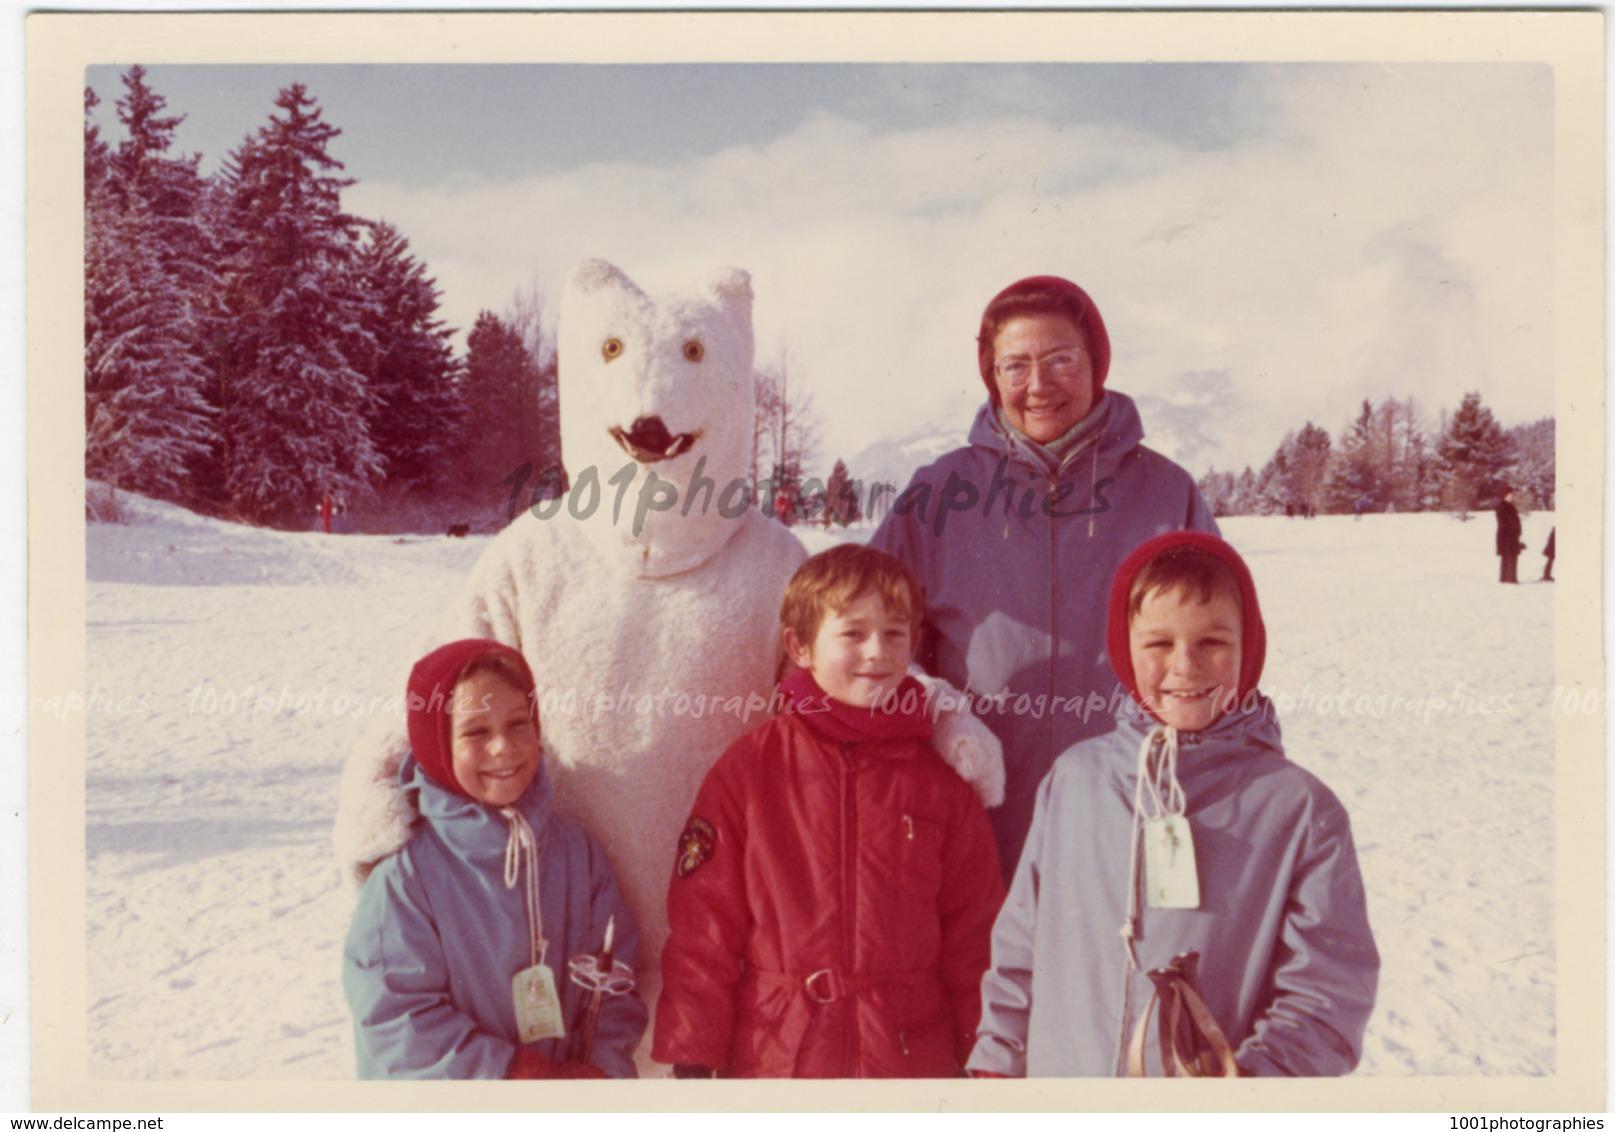 Portrait D'un Groupe De Personnes Au Ski, Accompagné Par Une Personne Déguisée En Ours Polaire - Photos